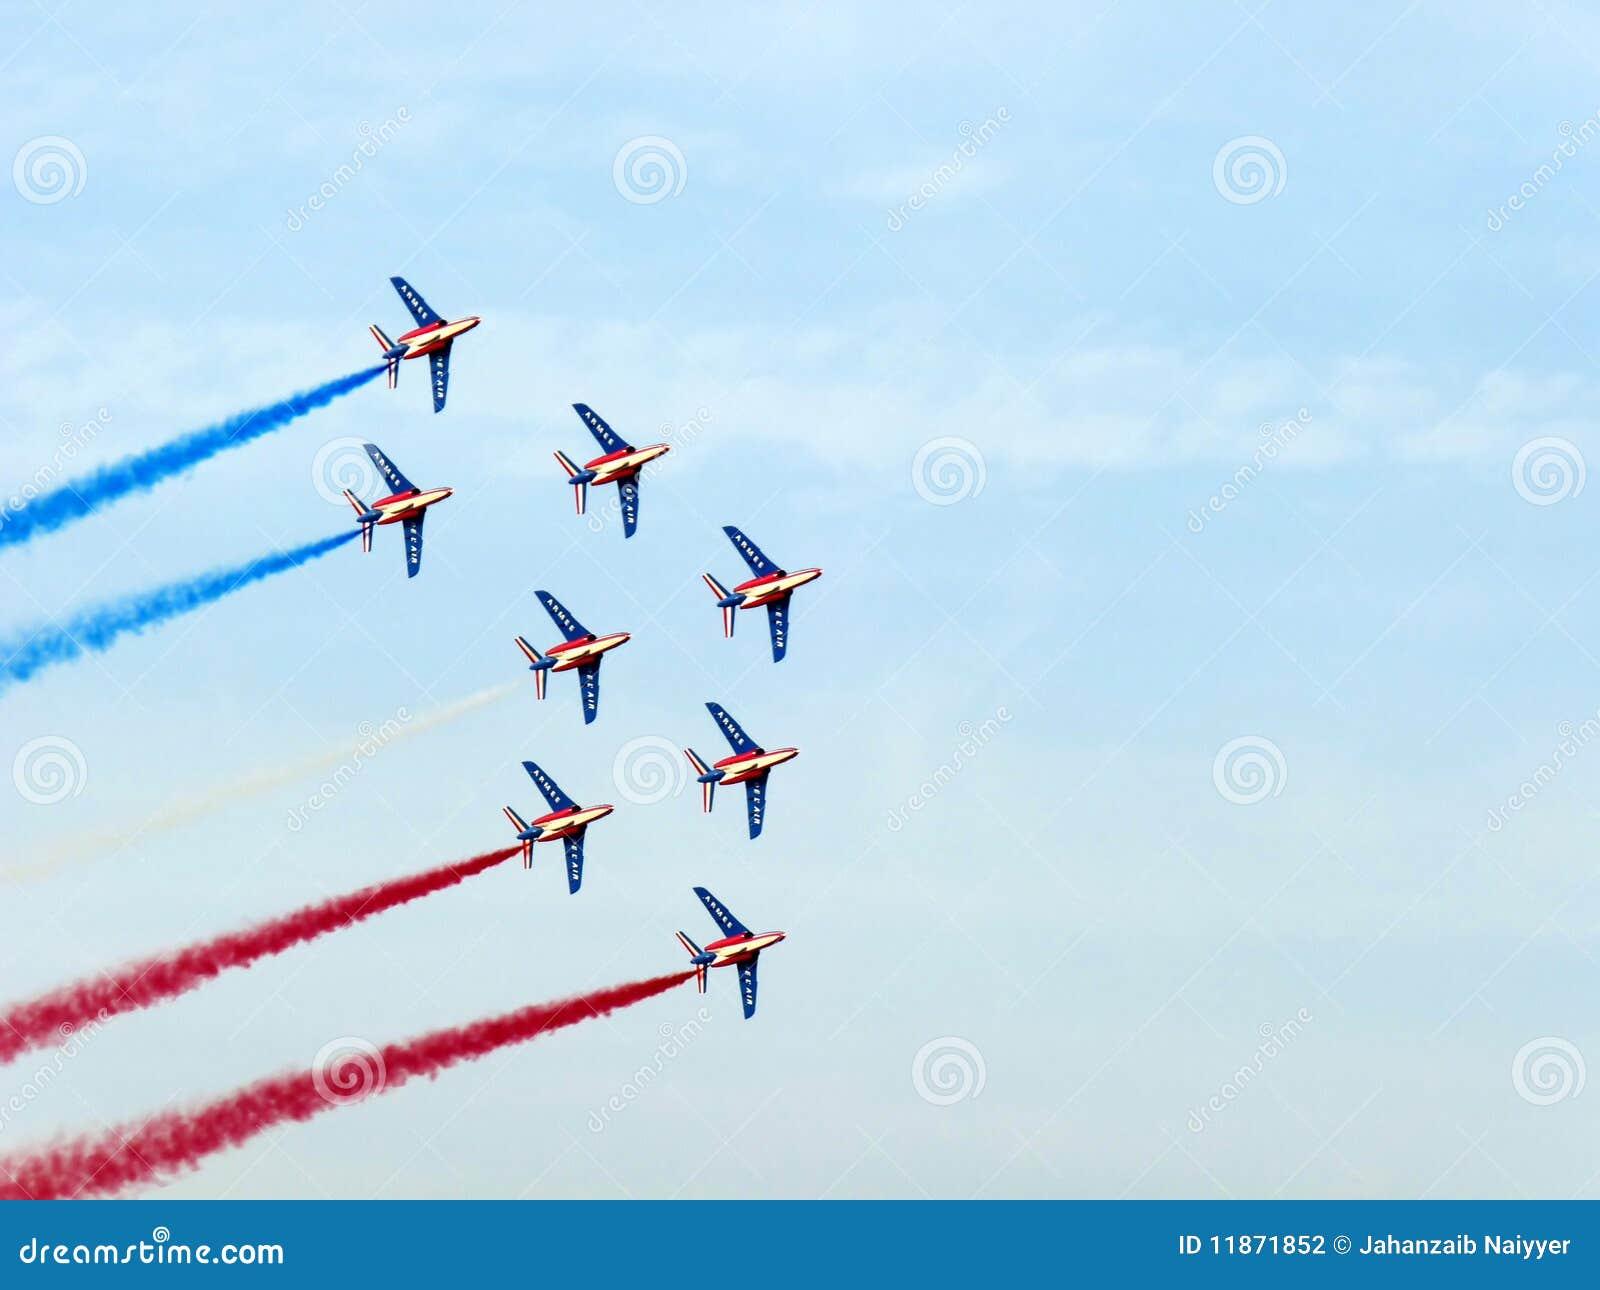 циркаческая выставка Дубай авиационного парада